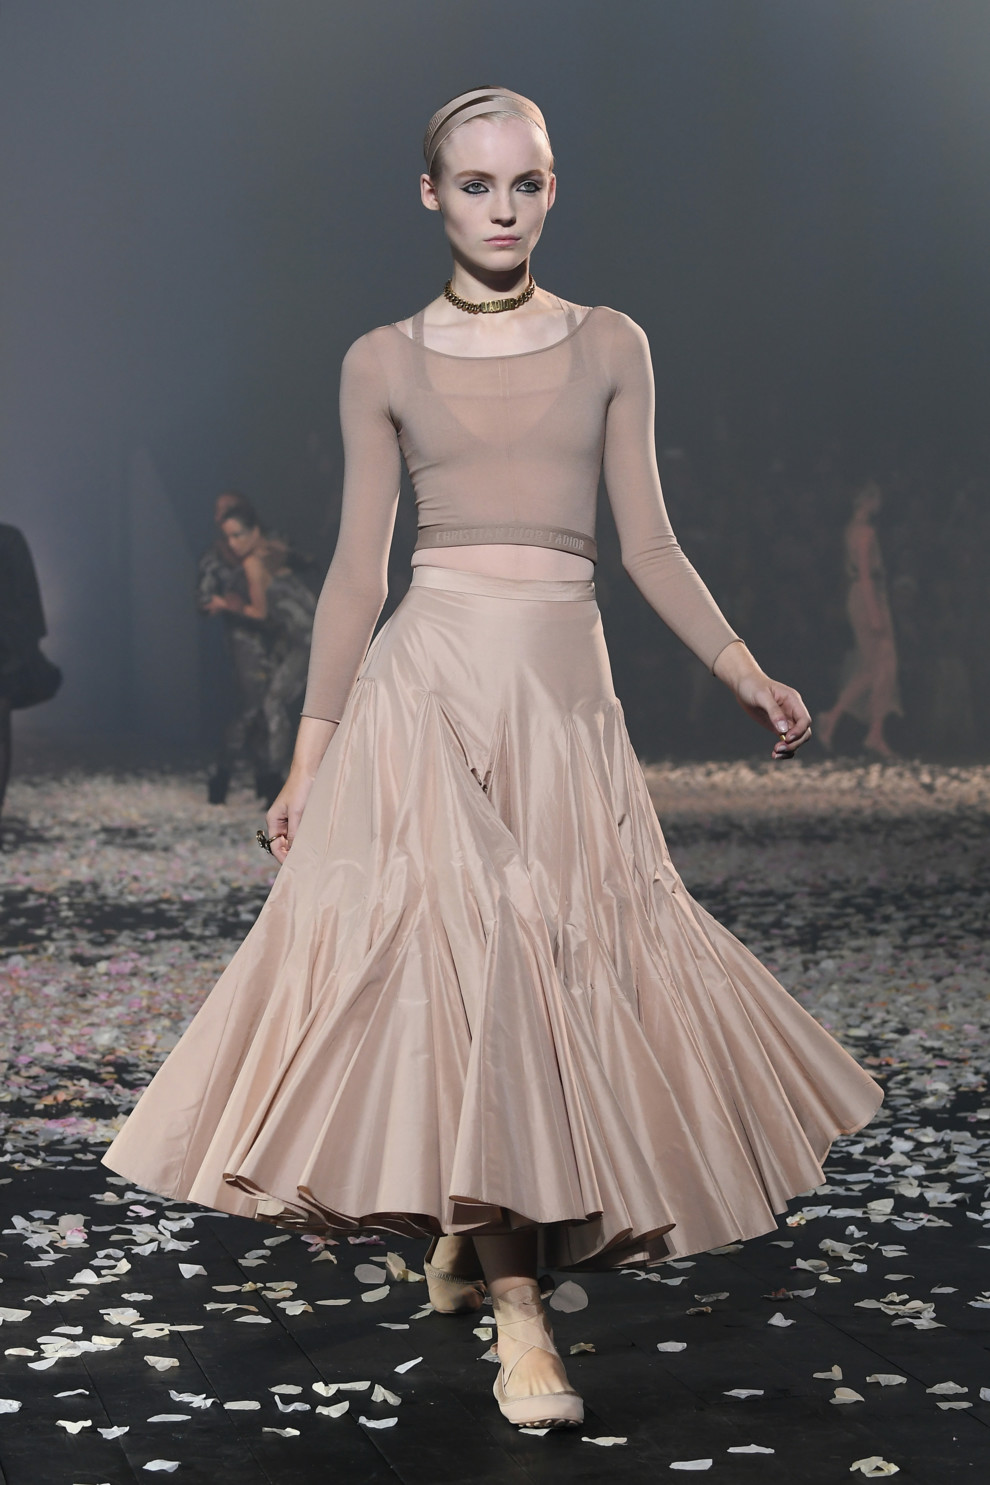 5ba8ff6b2ab79 - Старт Недели моды в Париже: Christian Dior весна-лето 2019